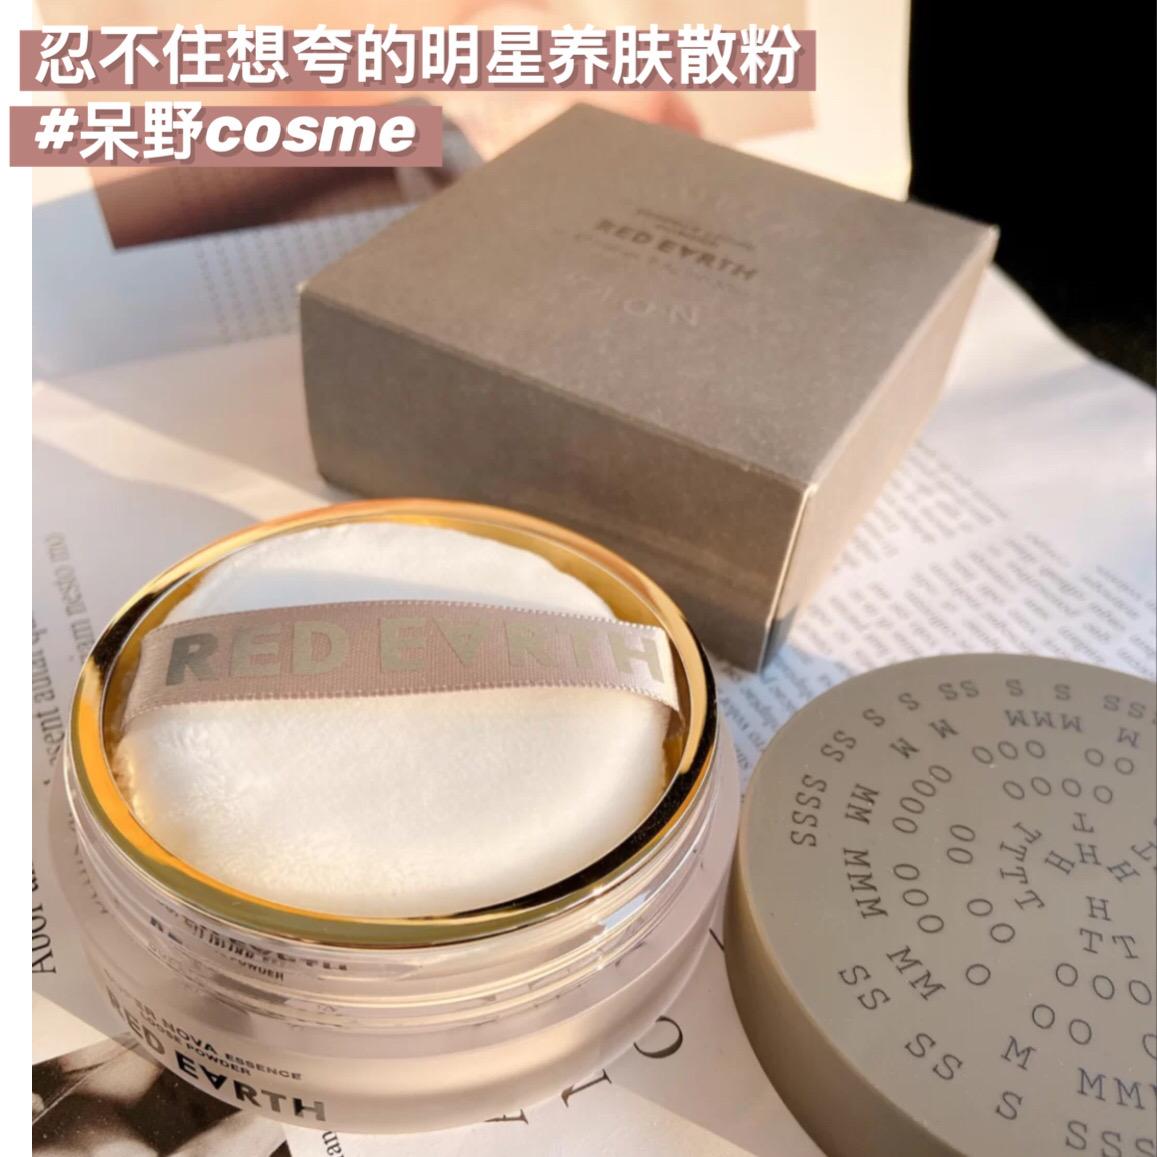 草本养肤 令人安心 | 日本进口redearth红地球控油定妆粉散粉蜜粉